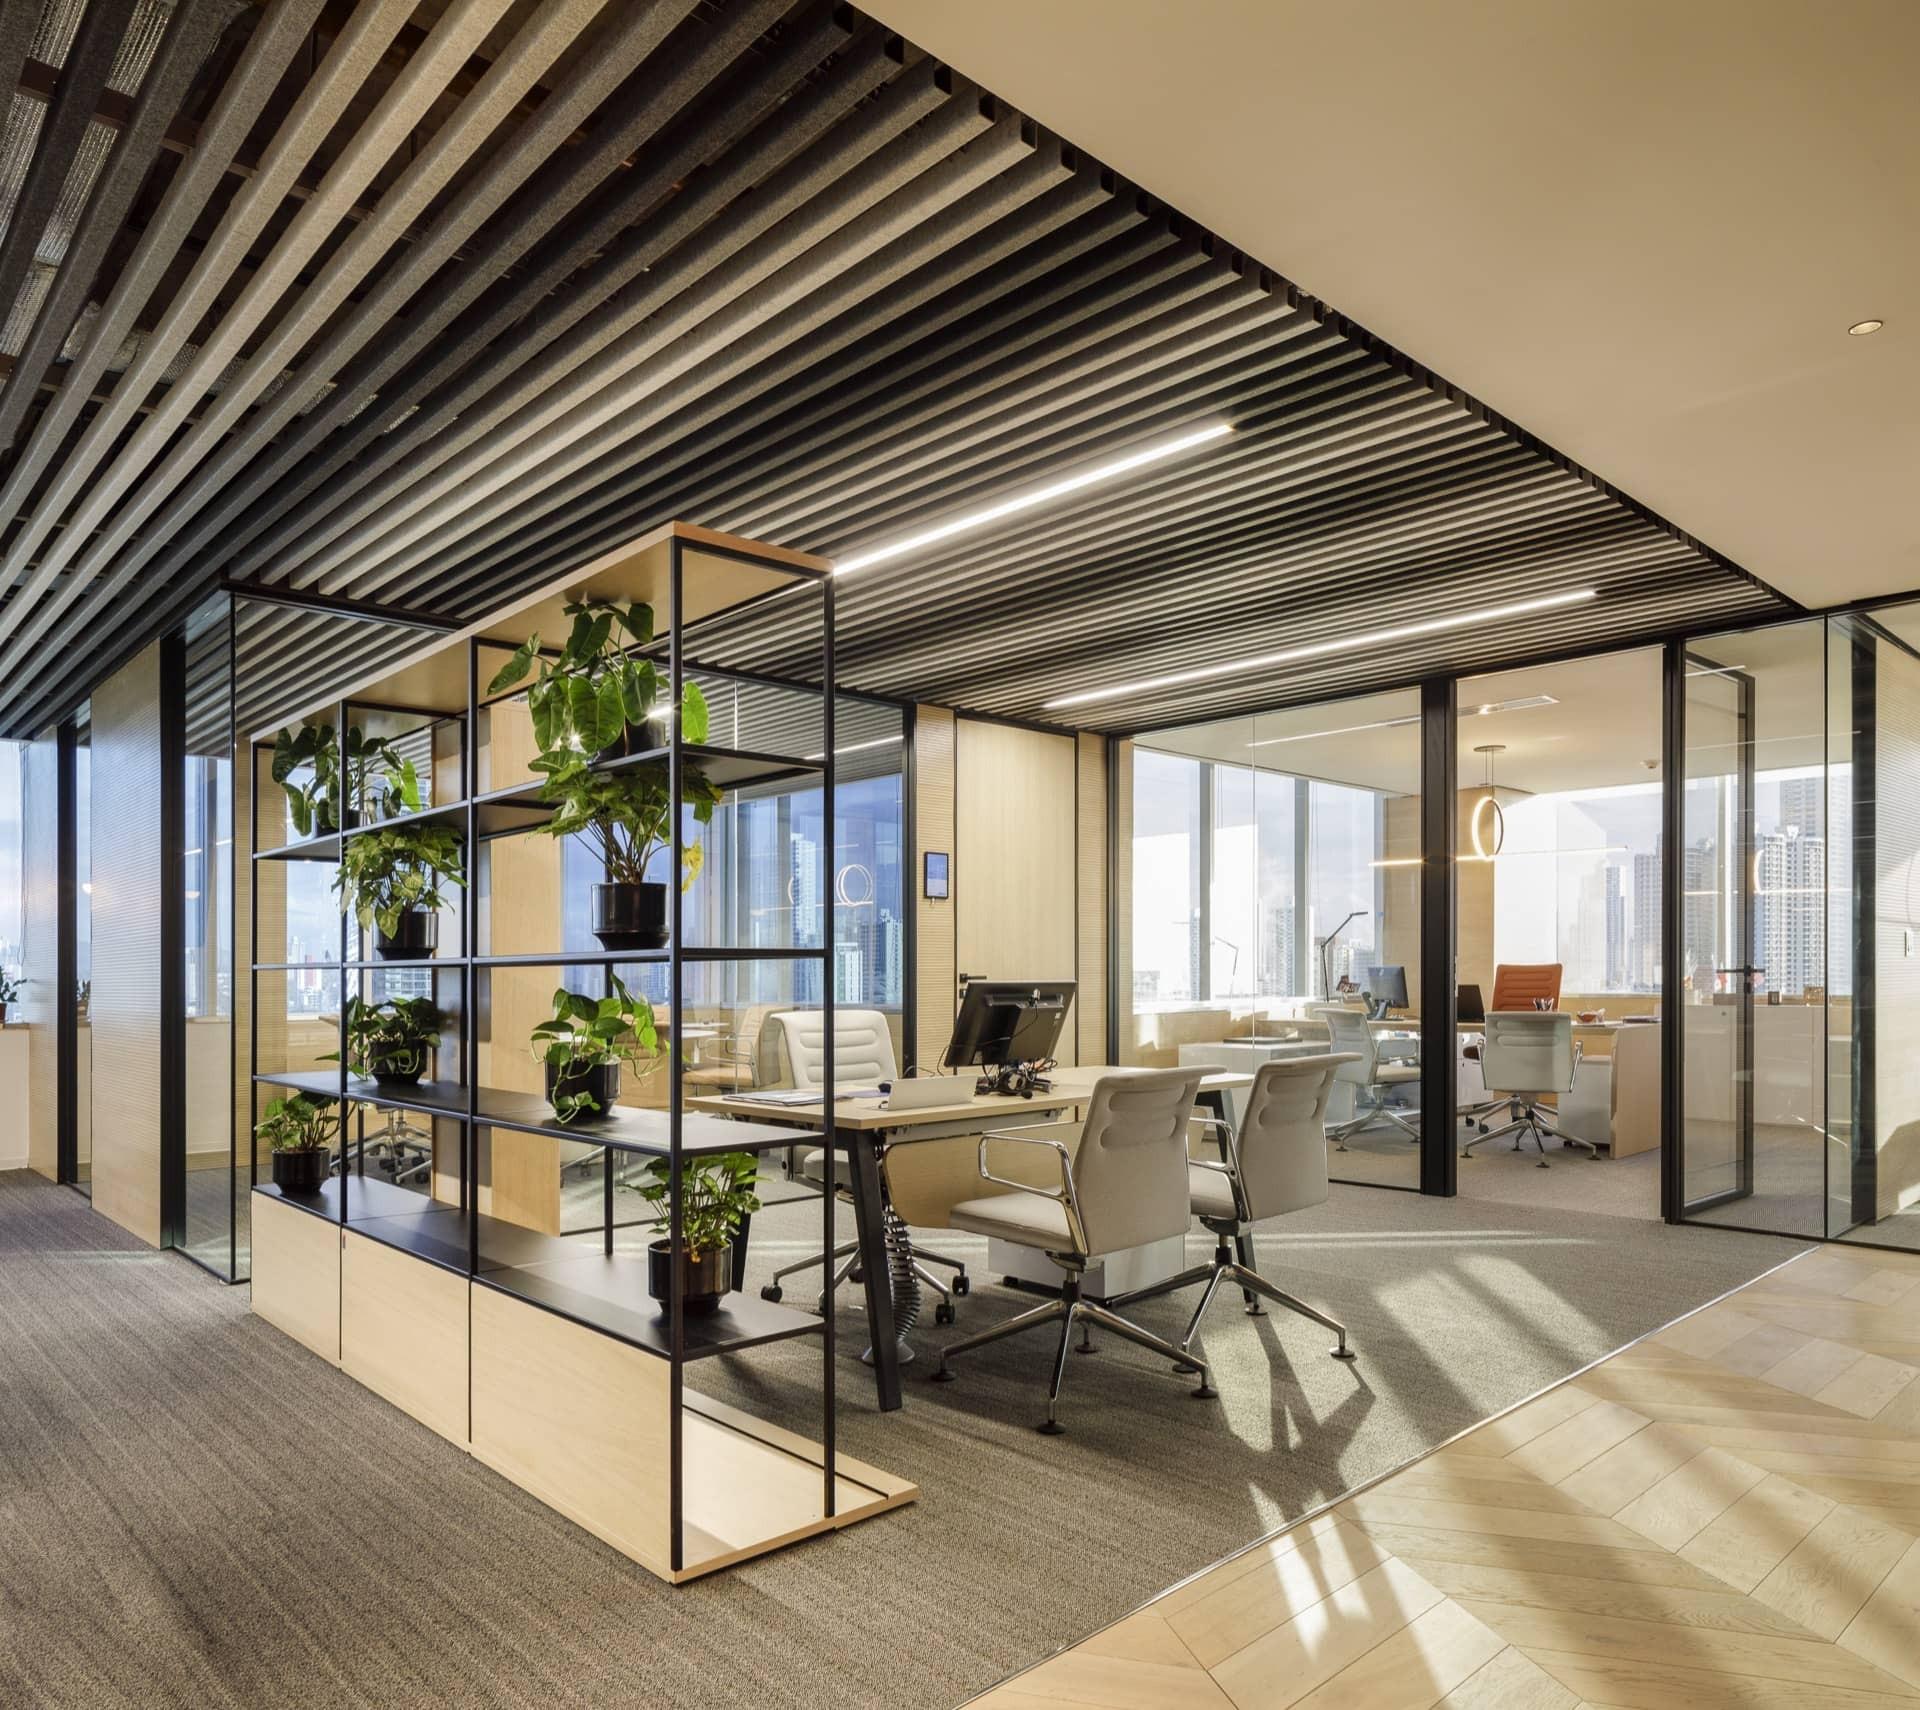 Mallol Arquitectura: Una empresa que crea proyecto exclusivos y poderosos mallol arquitectos Mallol Arquitectos: Una empresa que crea proyecto exclusivos y poderosos 2018188 BANCO MERCANTIL08